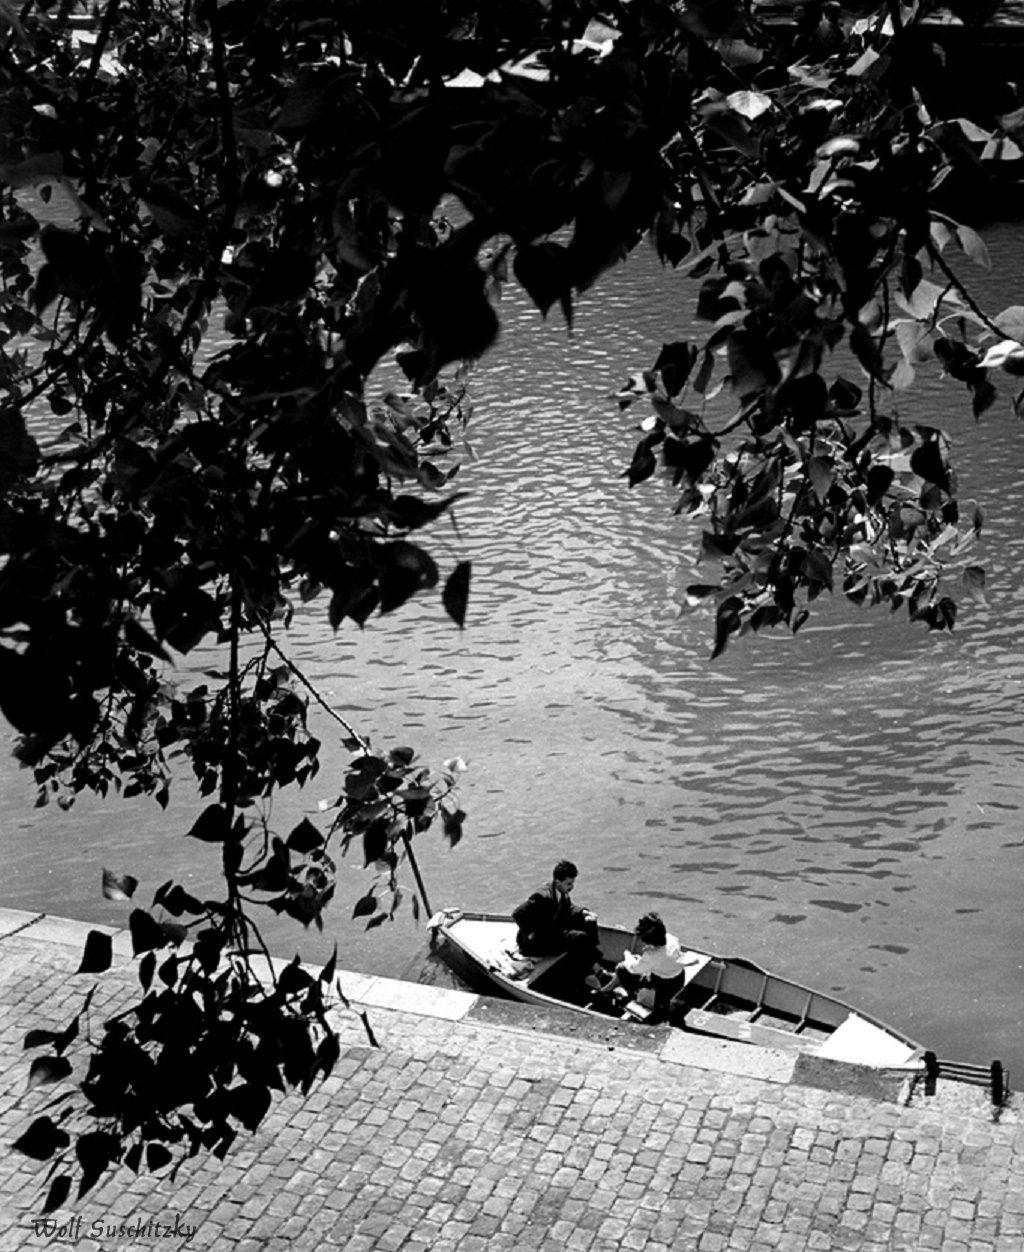 Wolf Suschitzky 1951 Paris